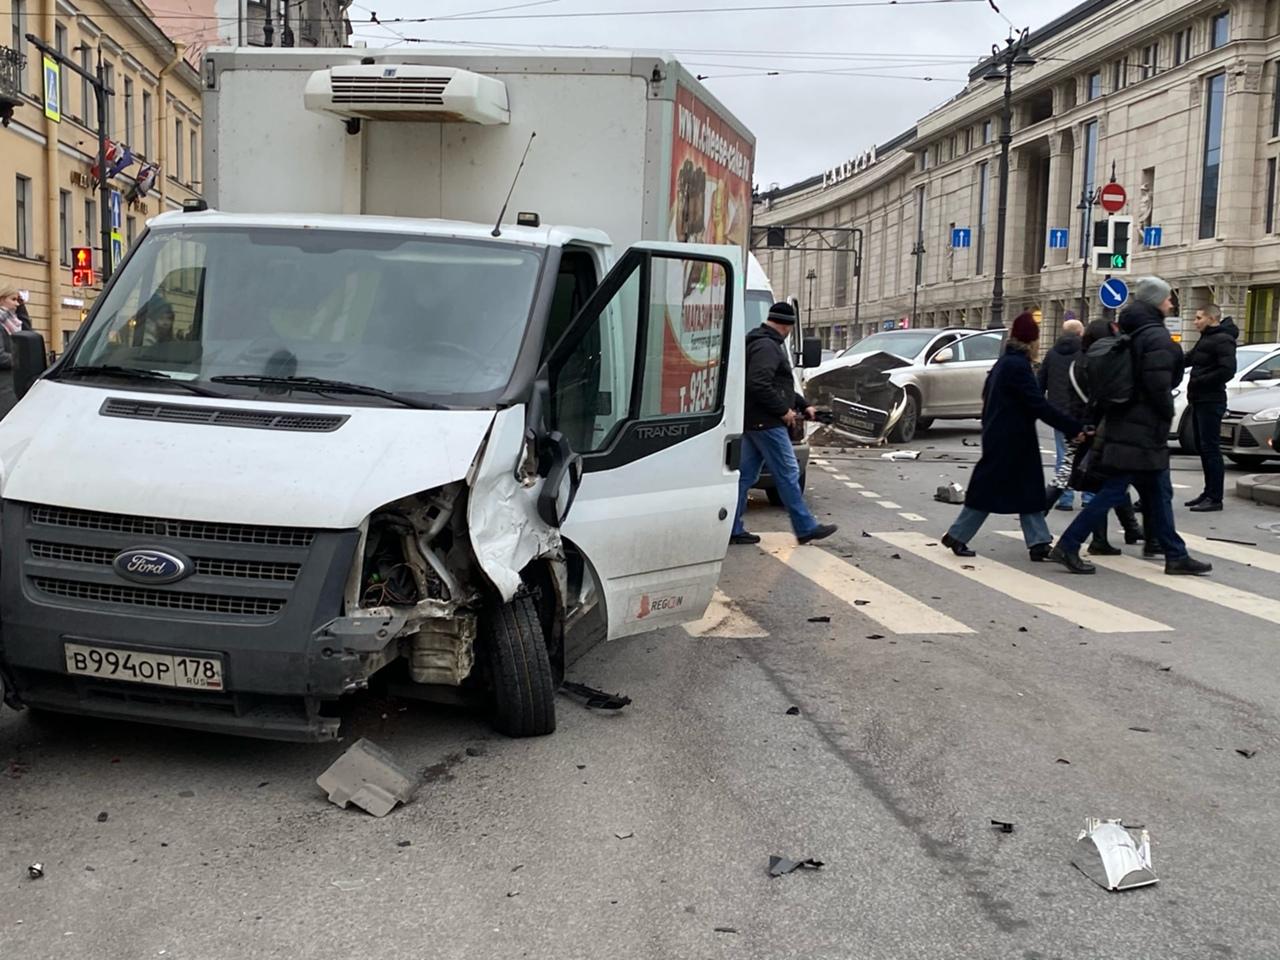 На перекрестке Лиговского проспекта и Кузнечного переулка Газель с чизкейками снесла бампер Audi